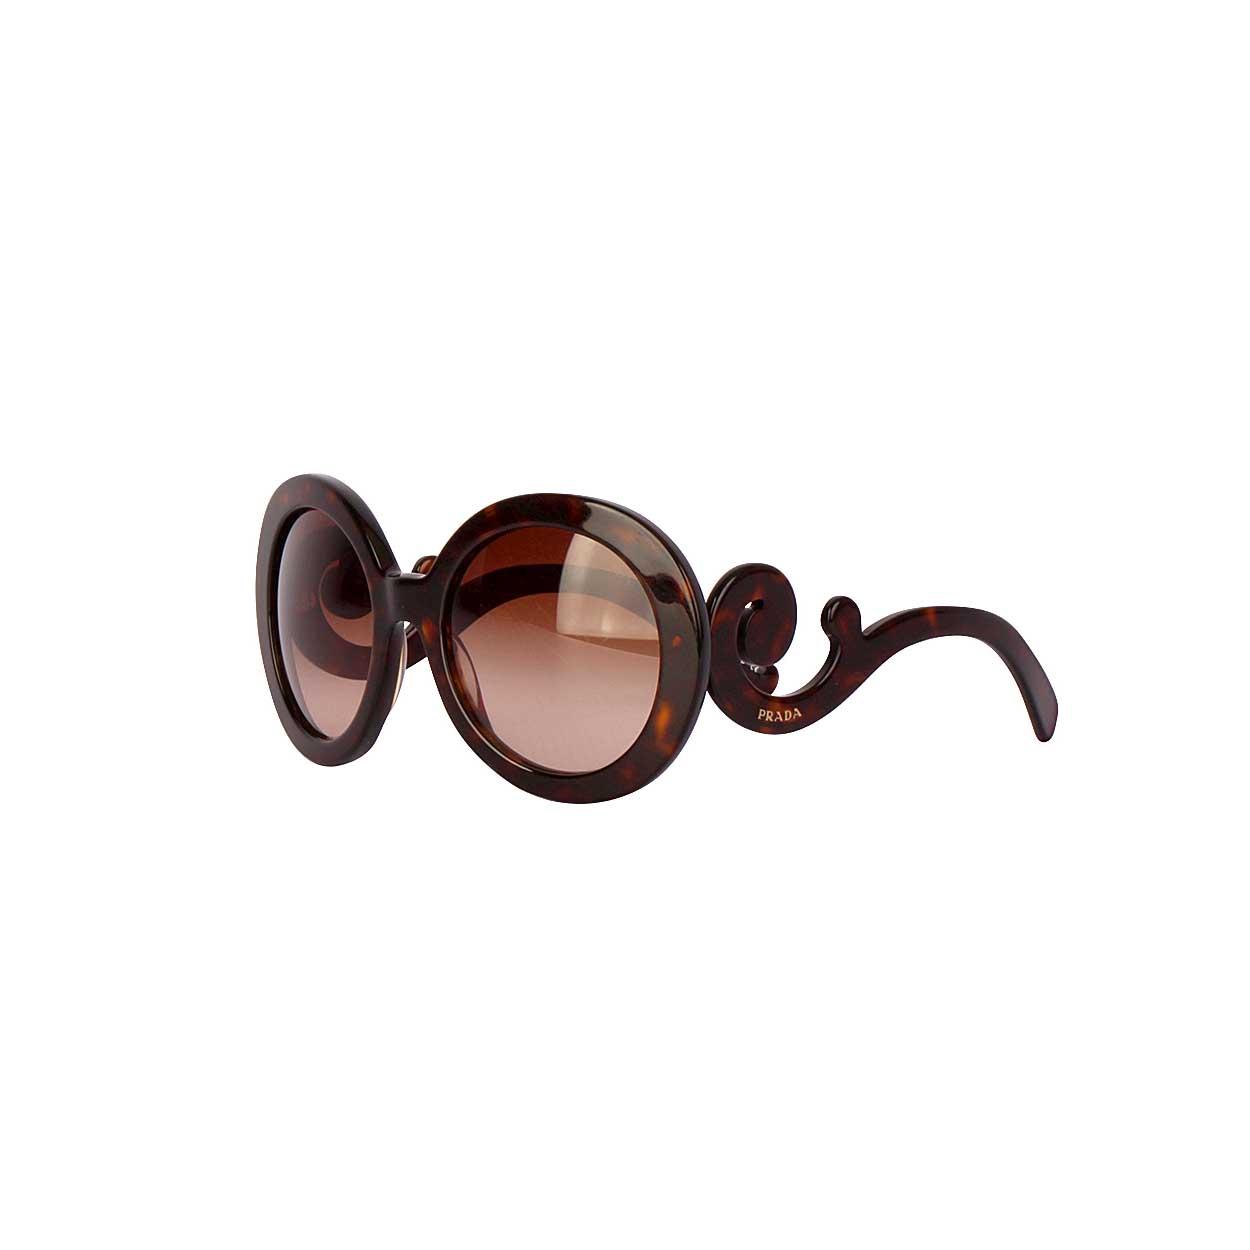 1a664a2164 Prada Minimal Baroque Sunglasses Buy Online